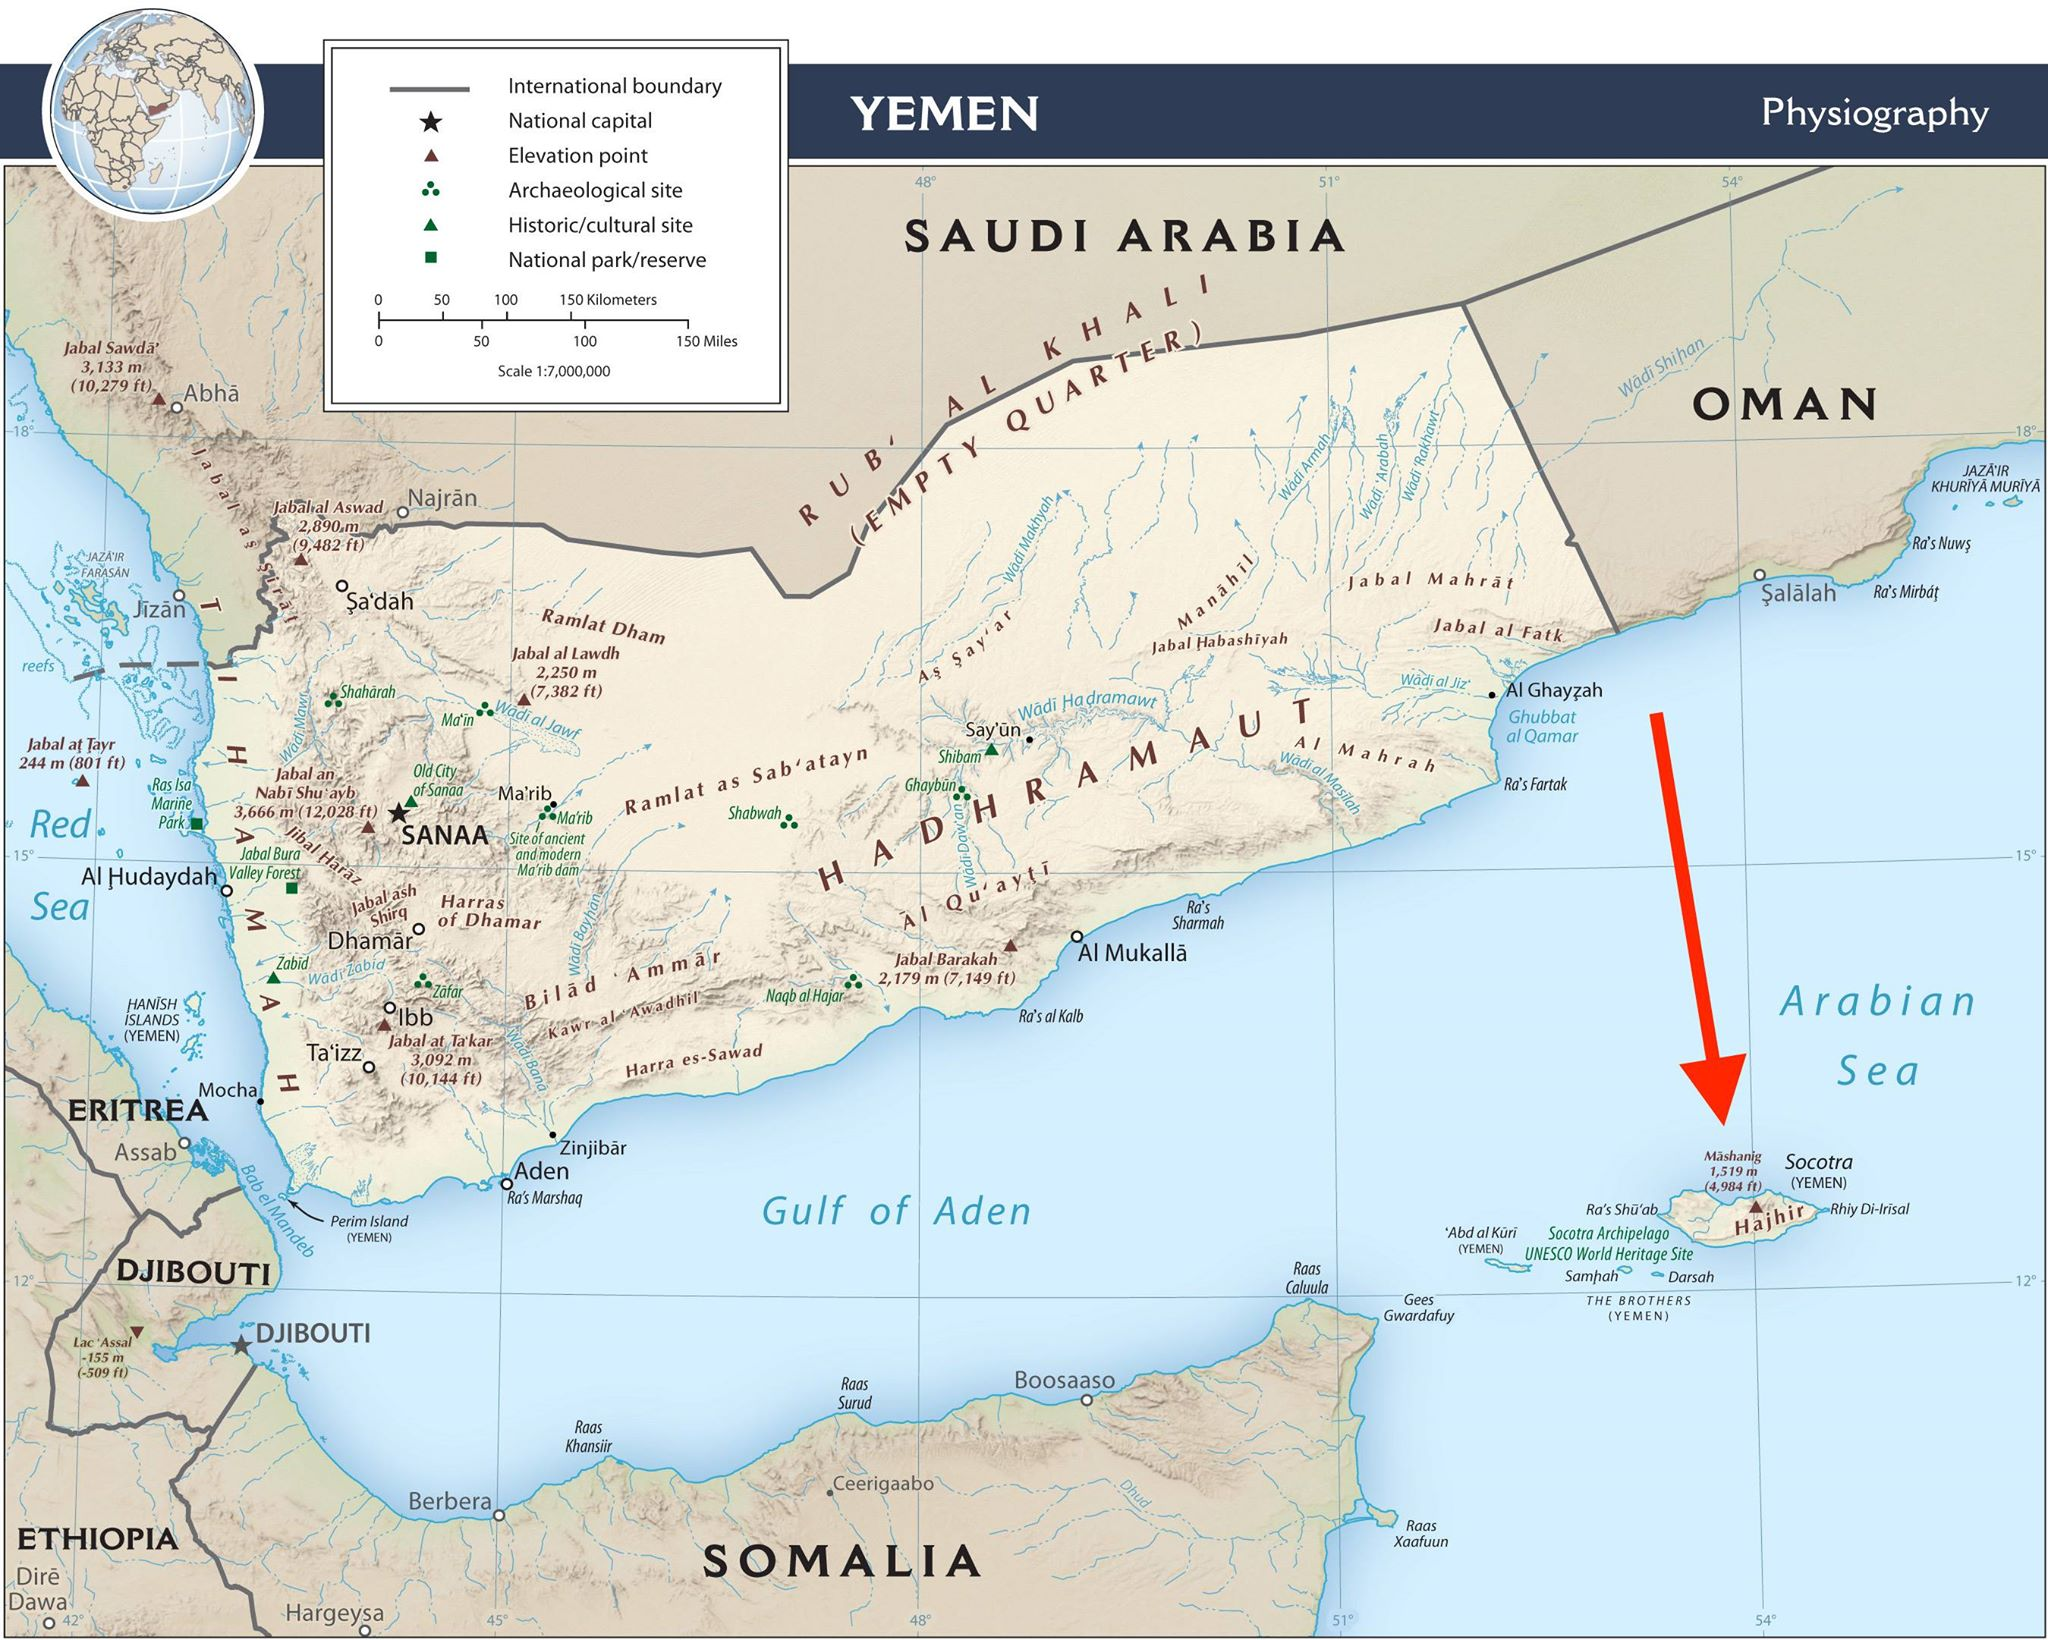 Єменська війна: що не поділили між собою Саудівська Аравія та Емірати?